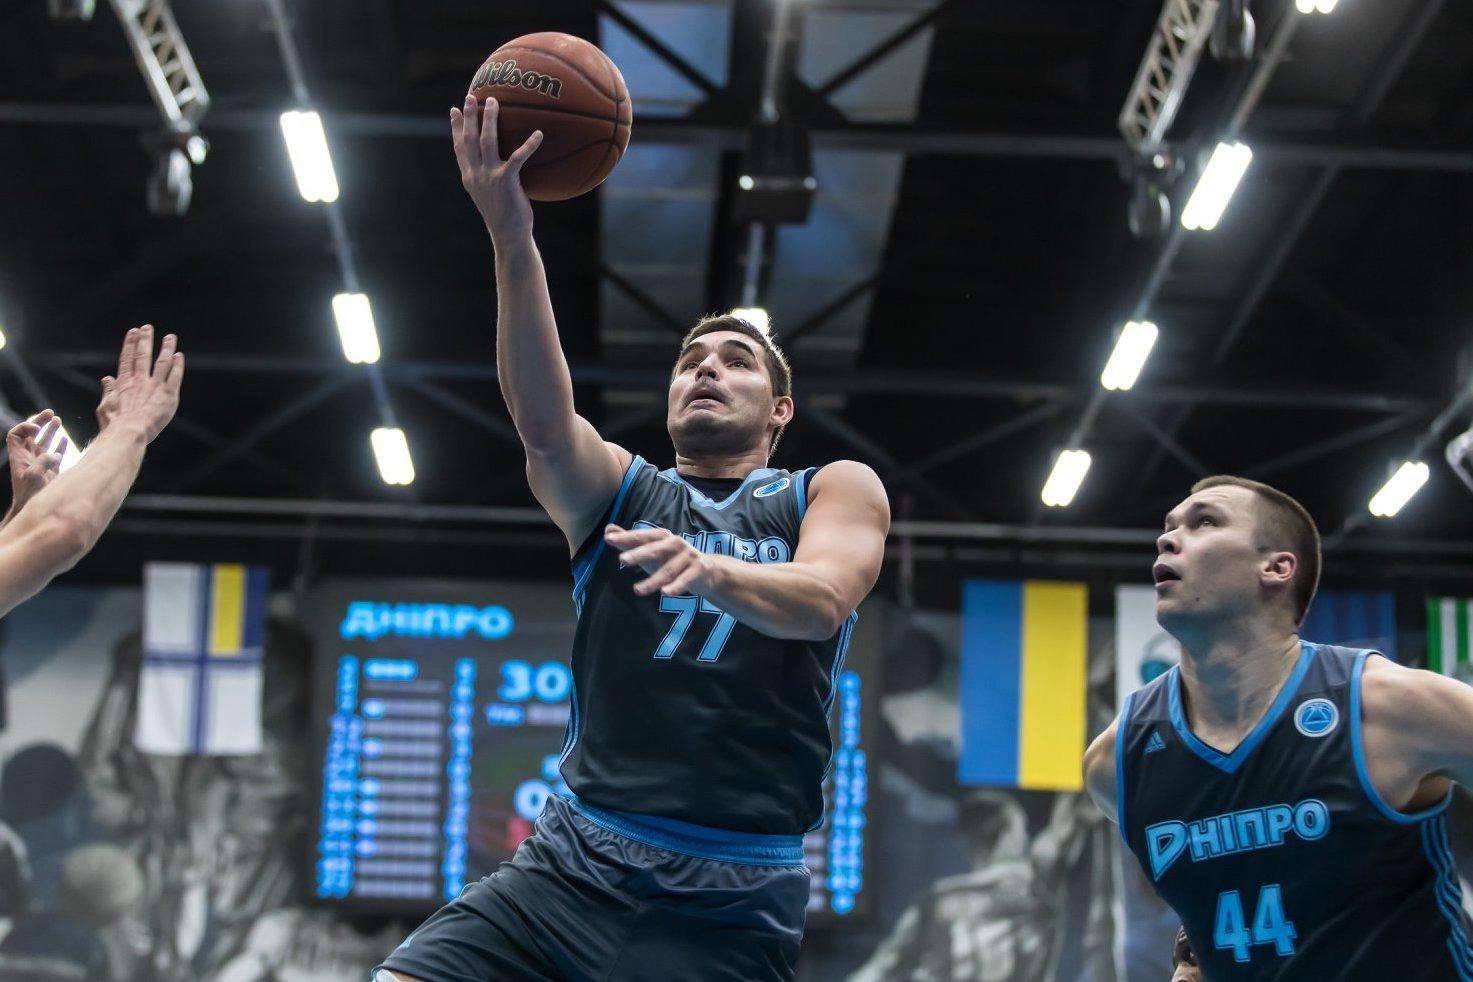 Останній крок Дніпра у групу Кубку Європи FIBA: анонс матчу проти Борисфена